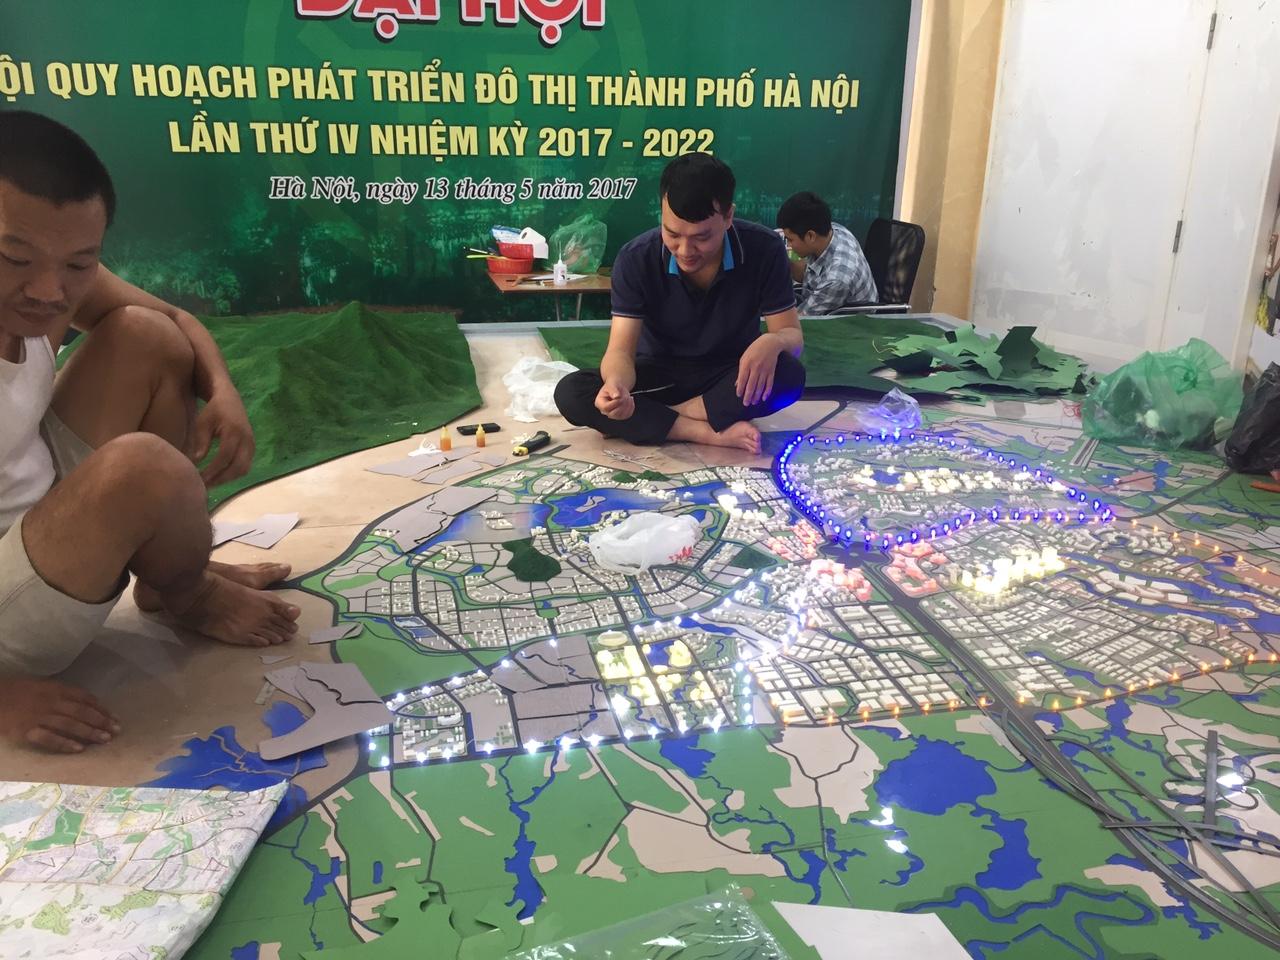 Sản xuất Thi công các loại Mô Hình tại Hà Nội